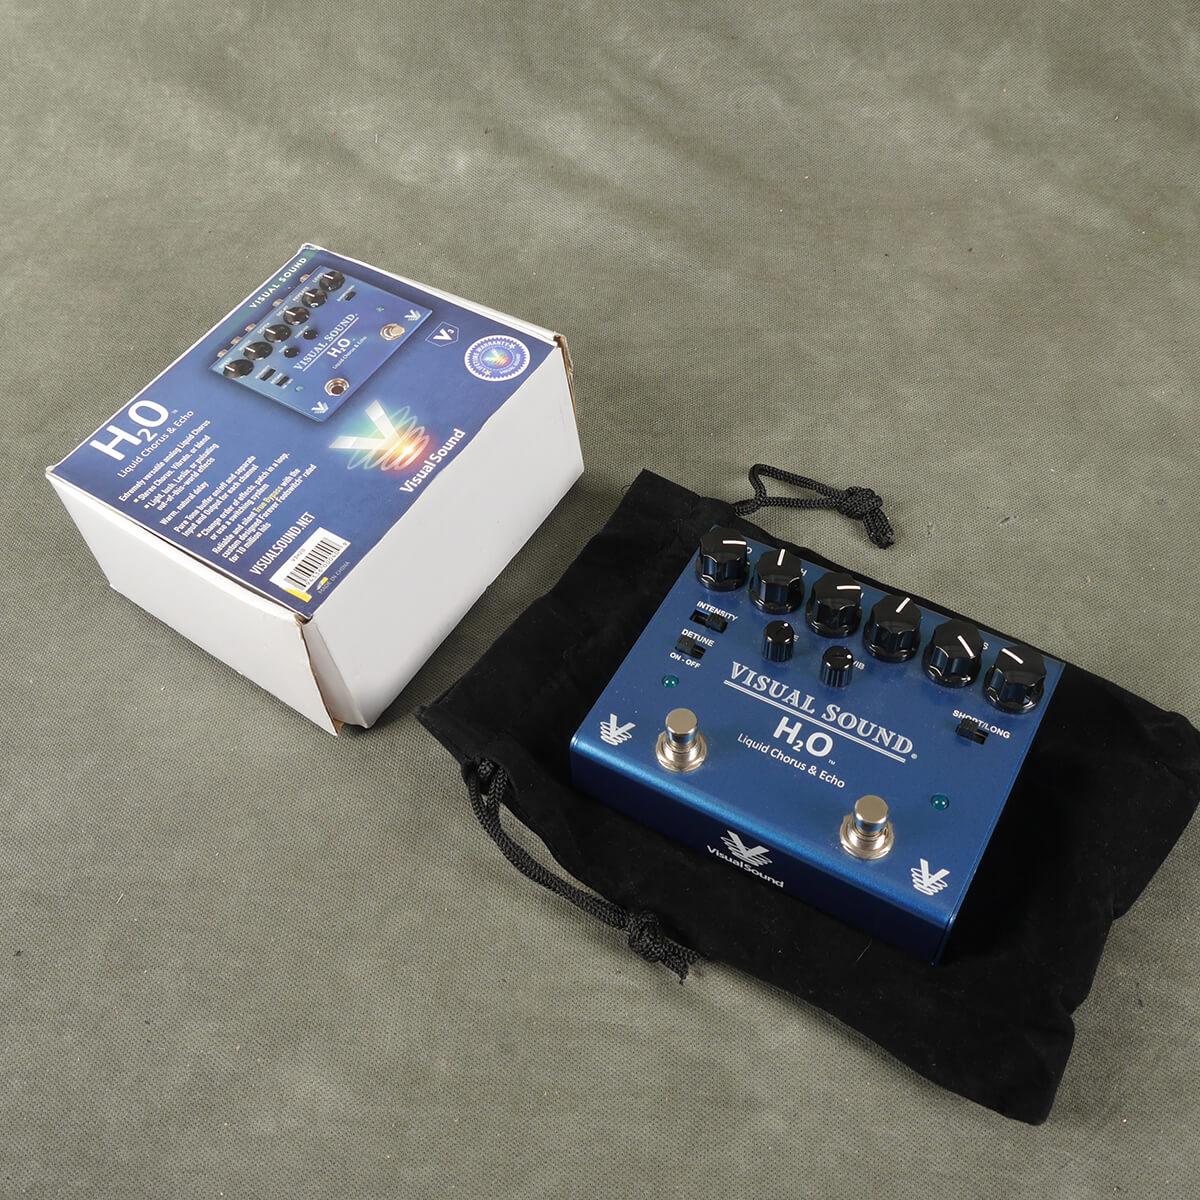 H20 Liquid Chorus & Echo FX Pedal w/Box - 2nd Hand